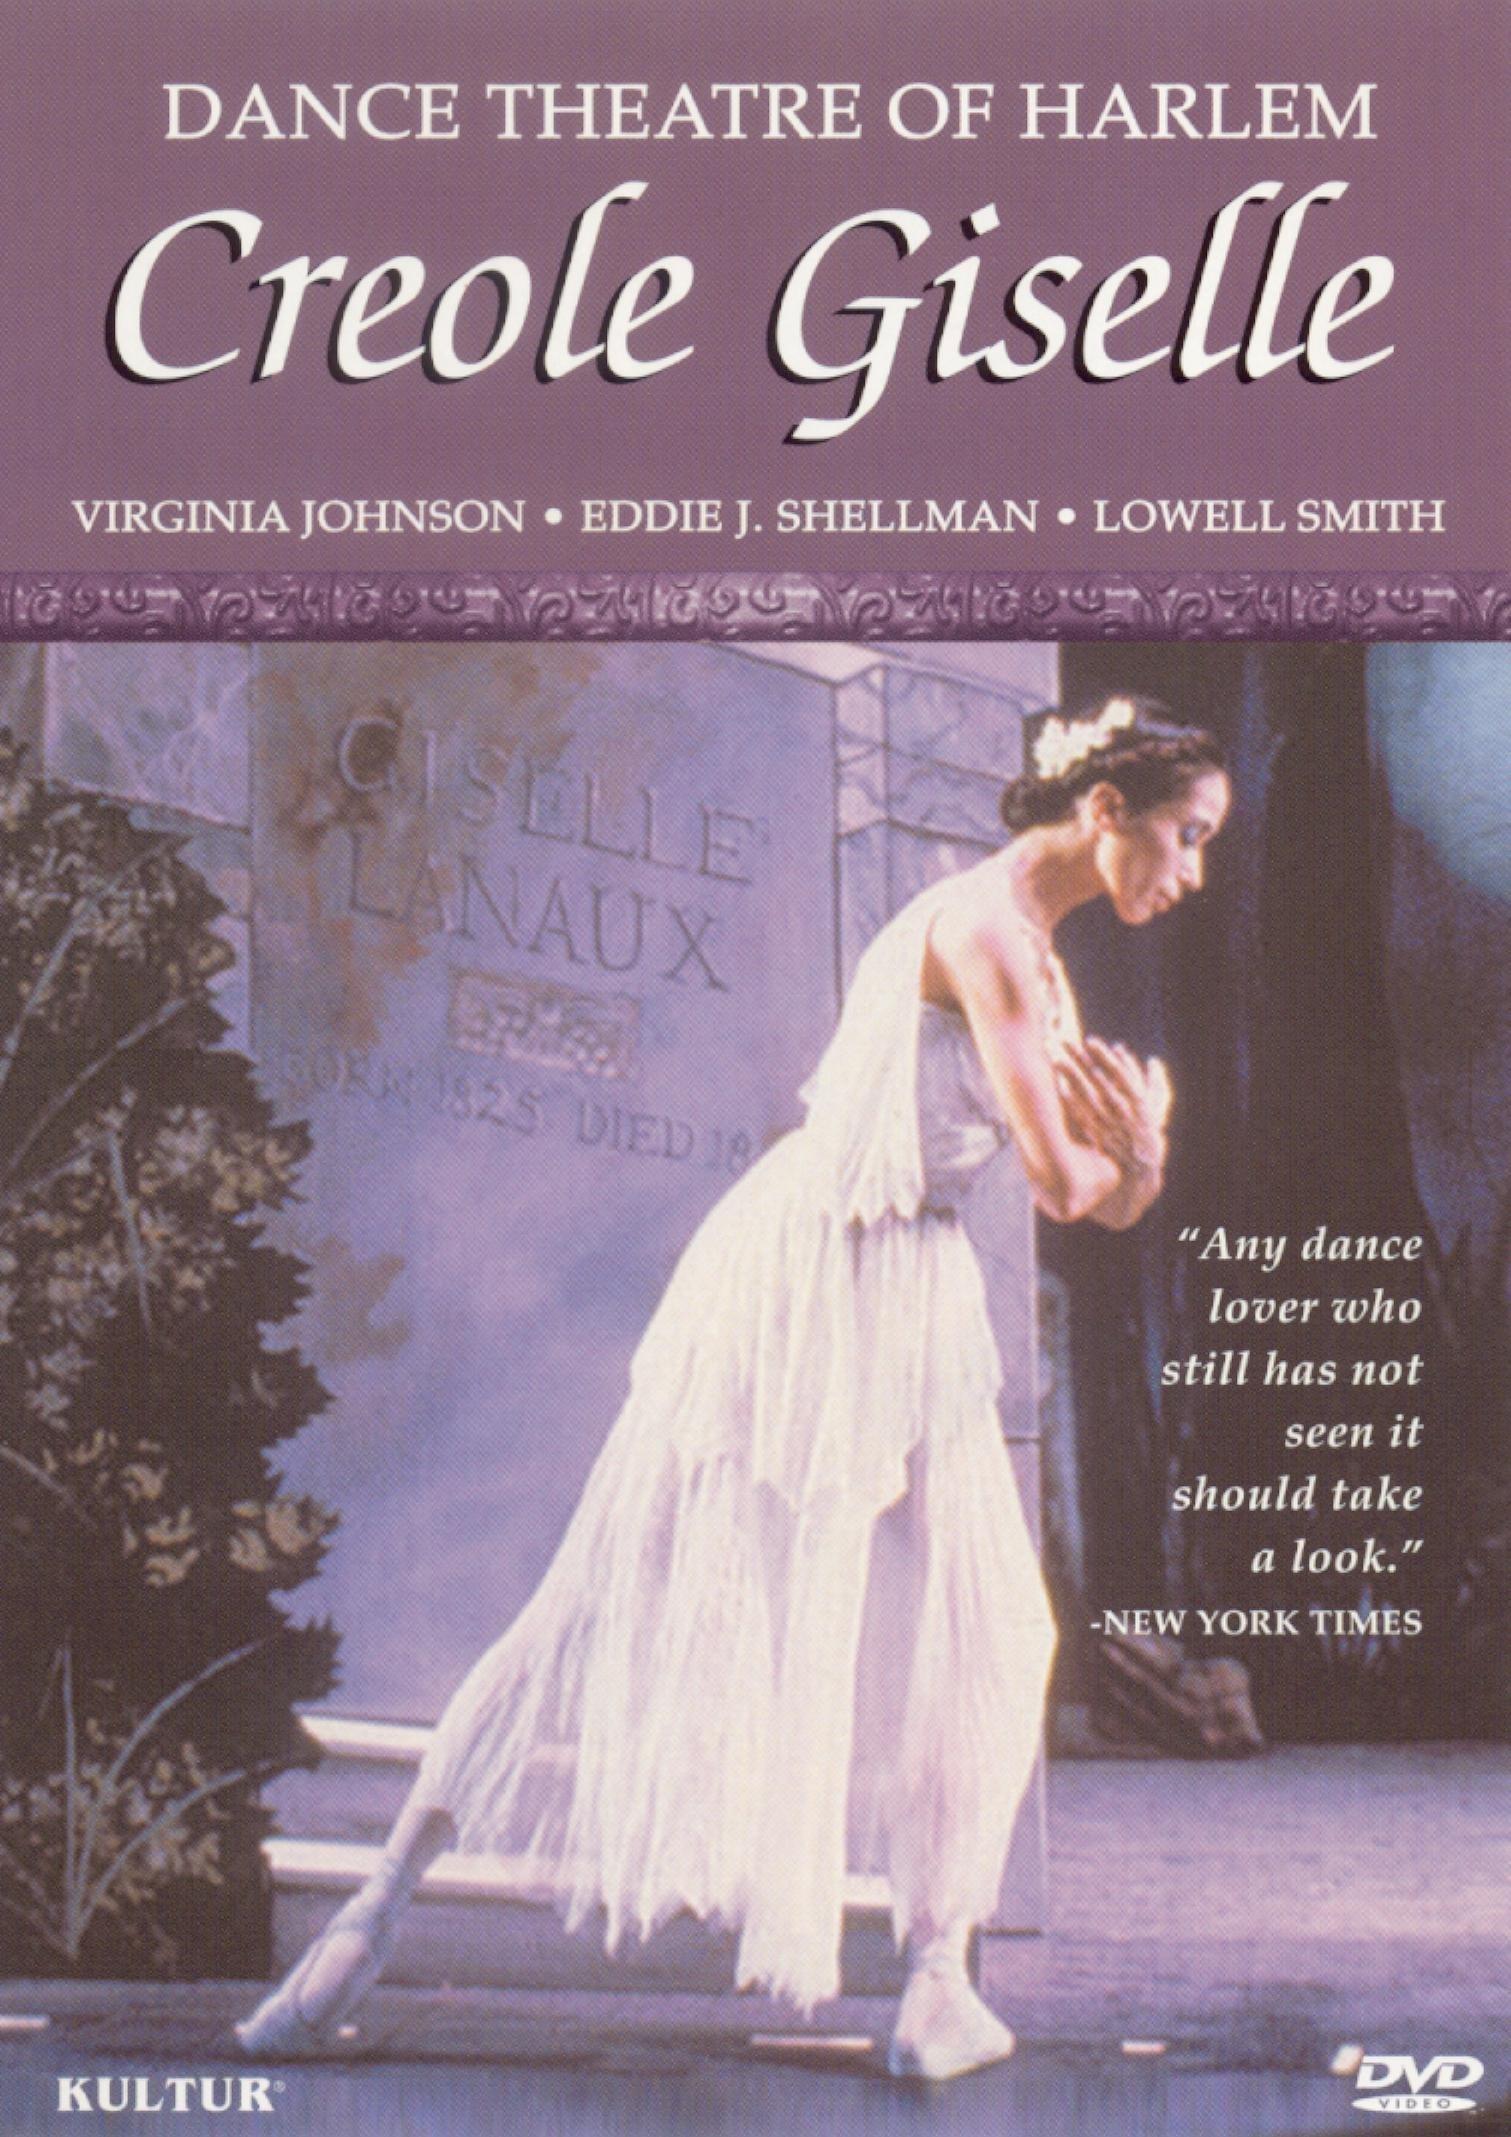 Creole Giselle (1987)